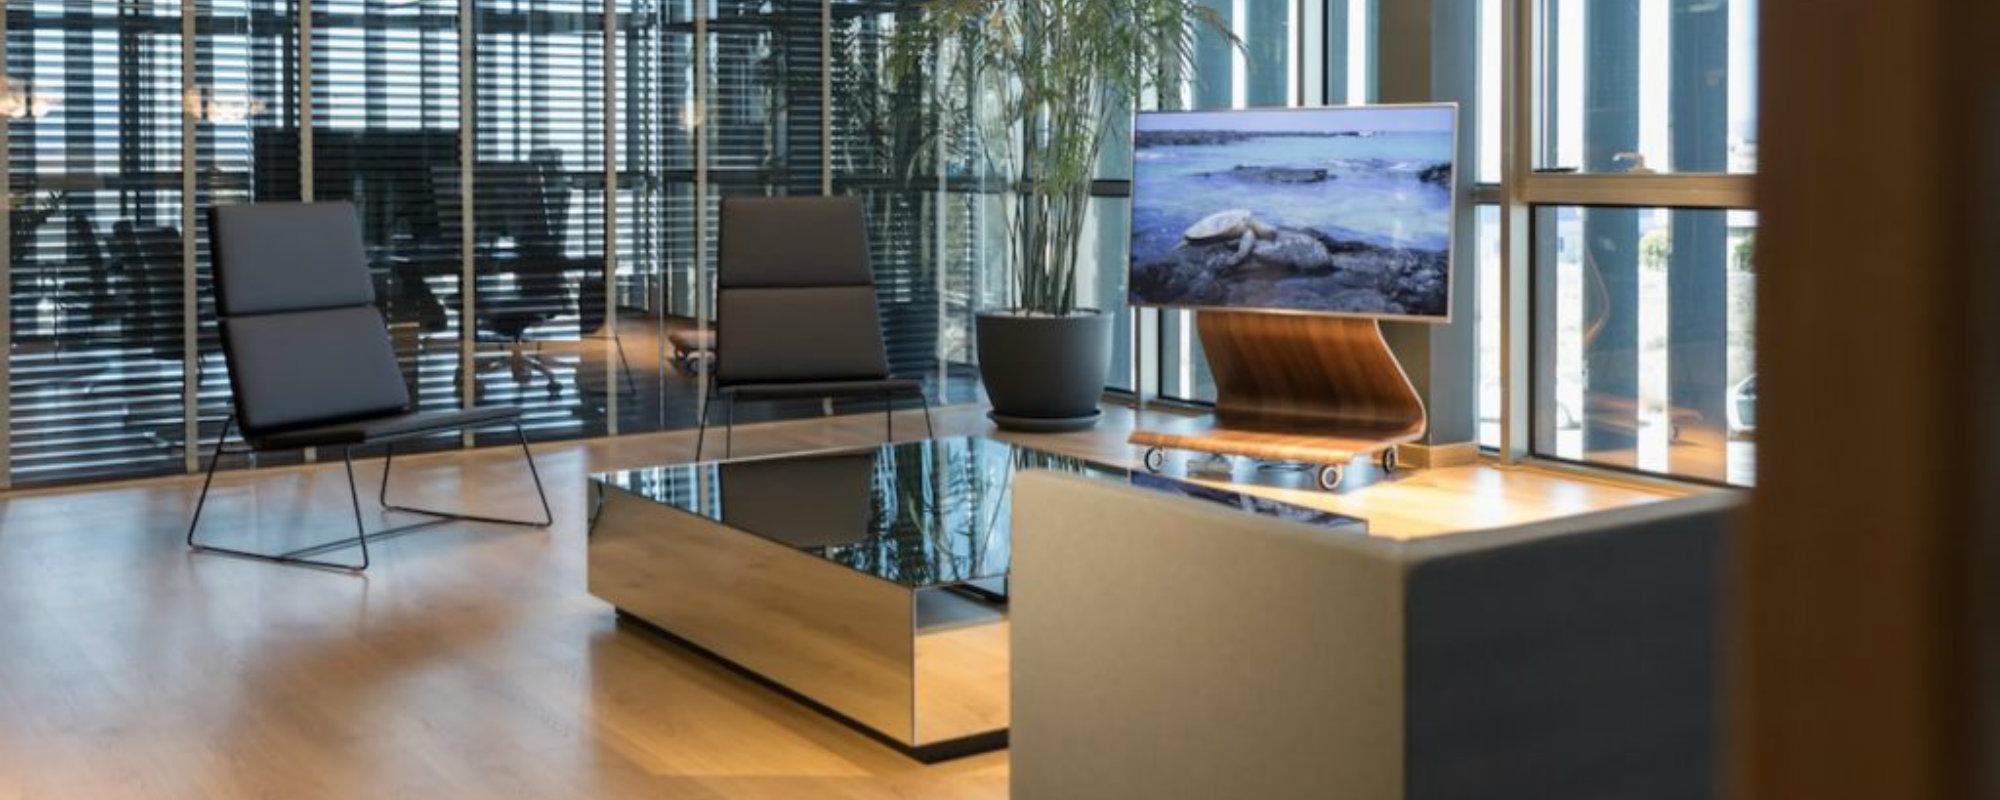 Proyectos Interiores: ANTRO una empresa de interiorismo de lujo en Madrid proyectos interiores Proyectos Interiores: ANTRO una empresa de interiorismo de lujo en Madrid Featured 8